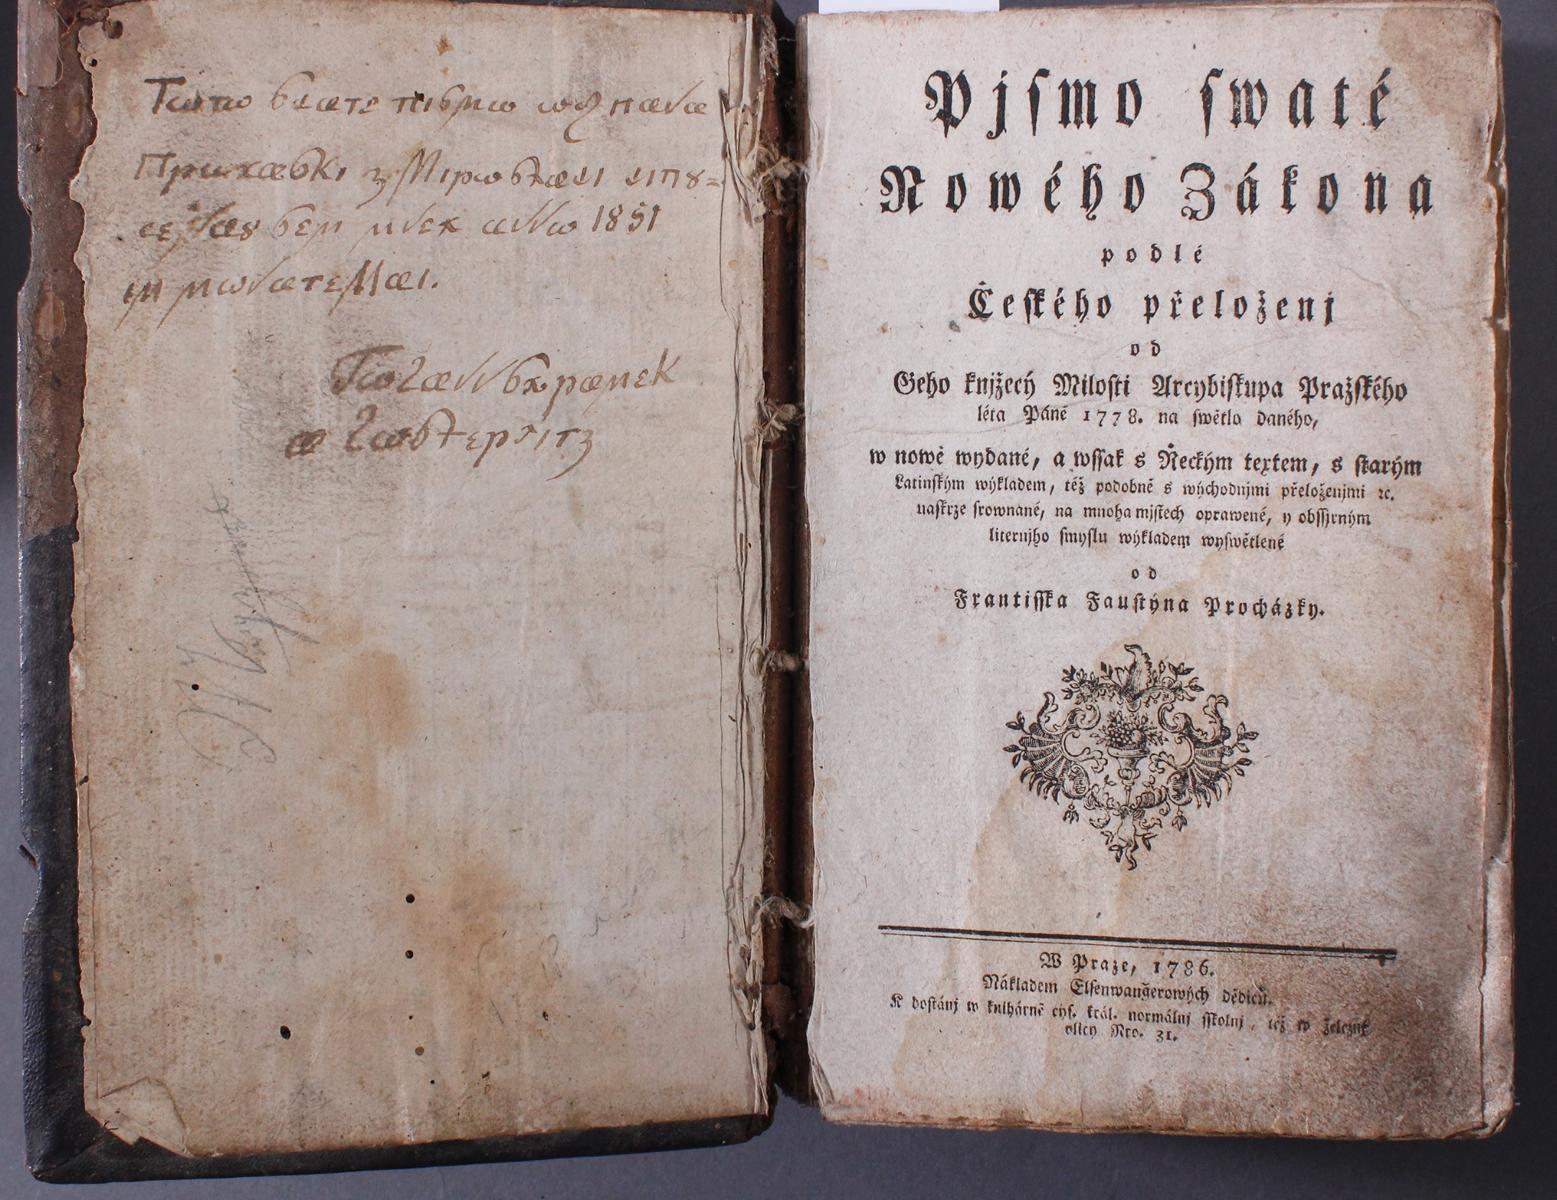 Tschechische Bibel von 1786. Písmo svaté Nového zákona-2